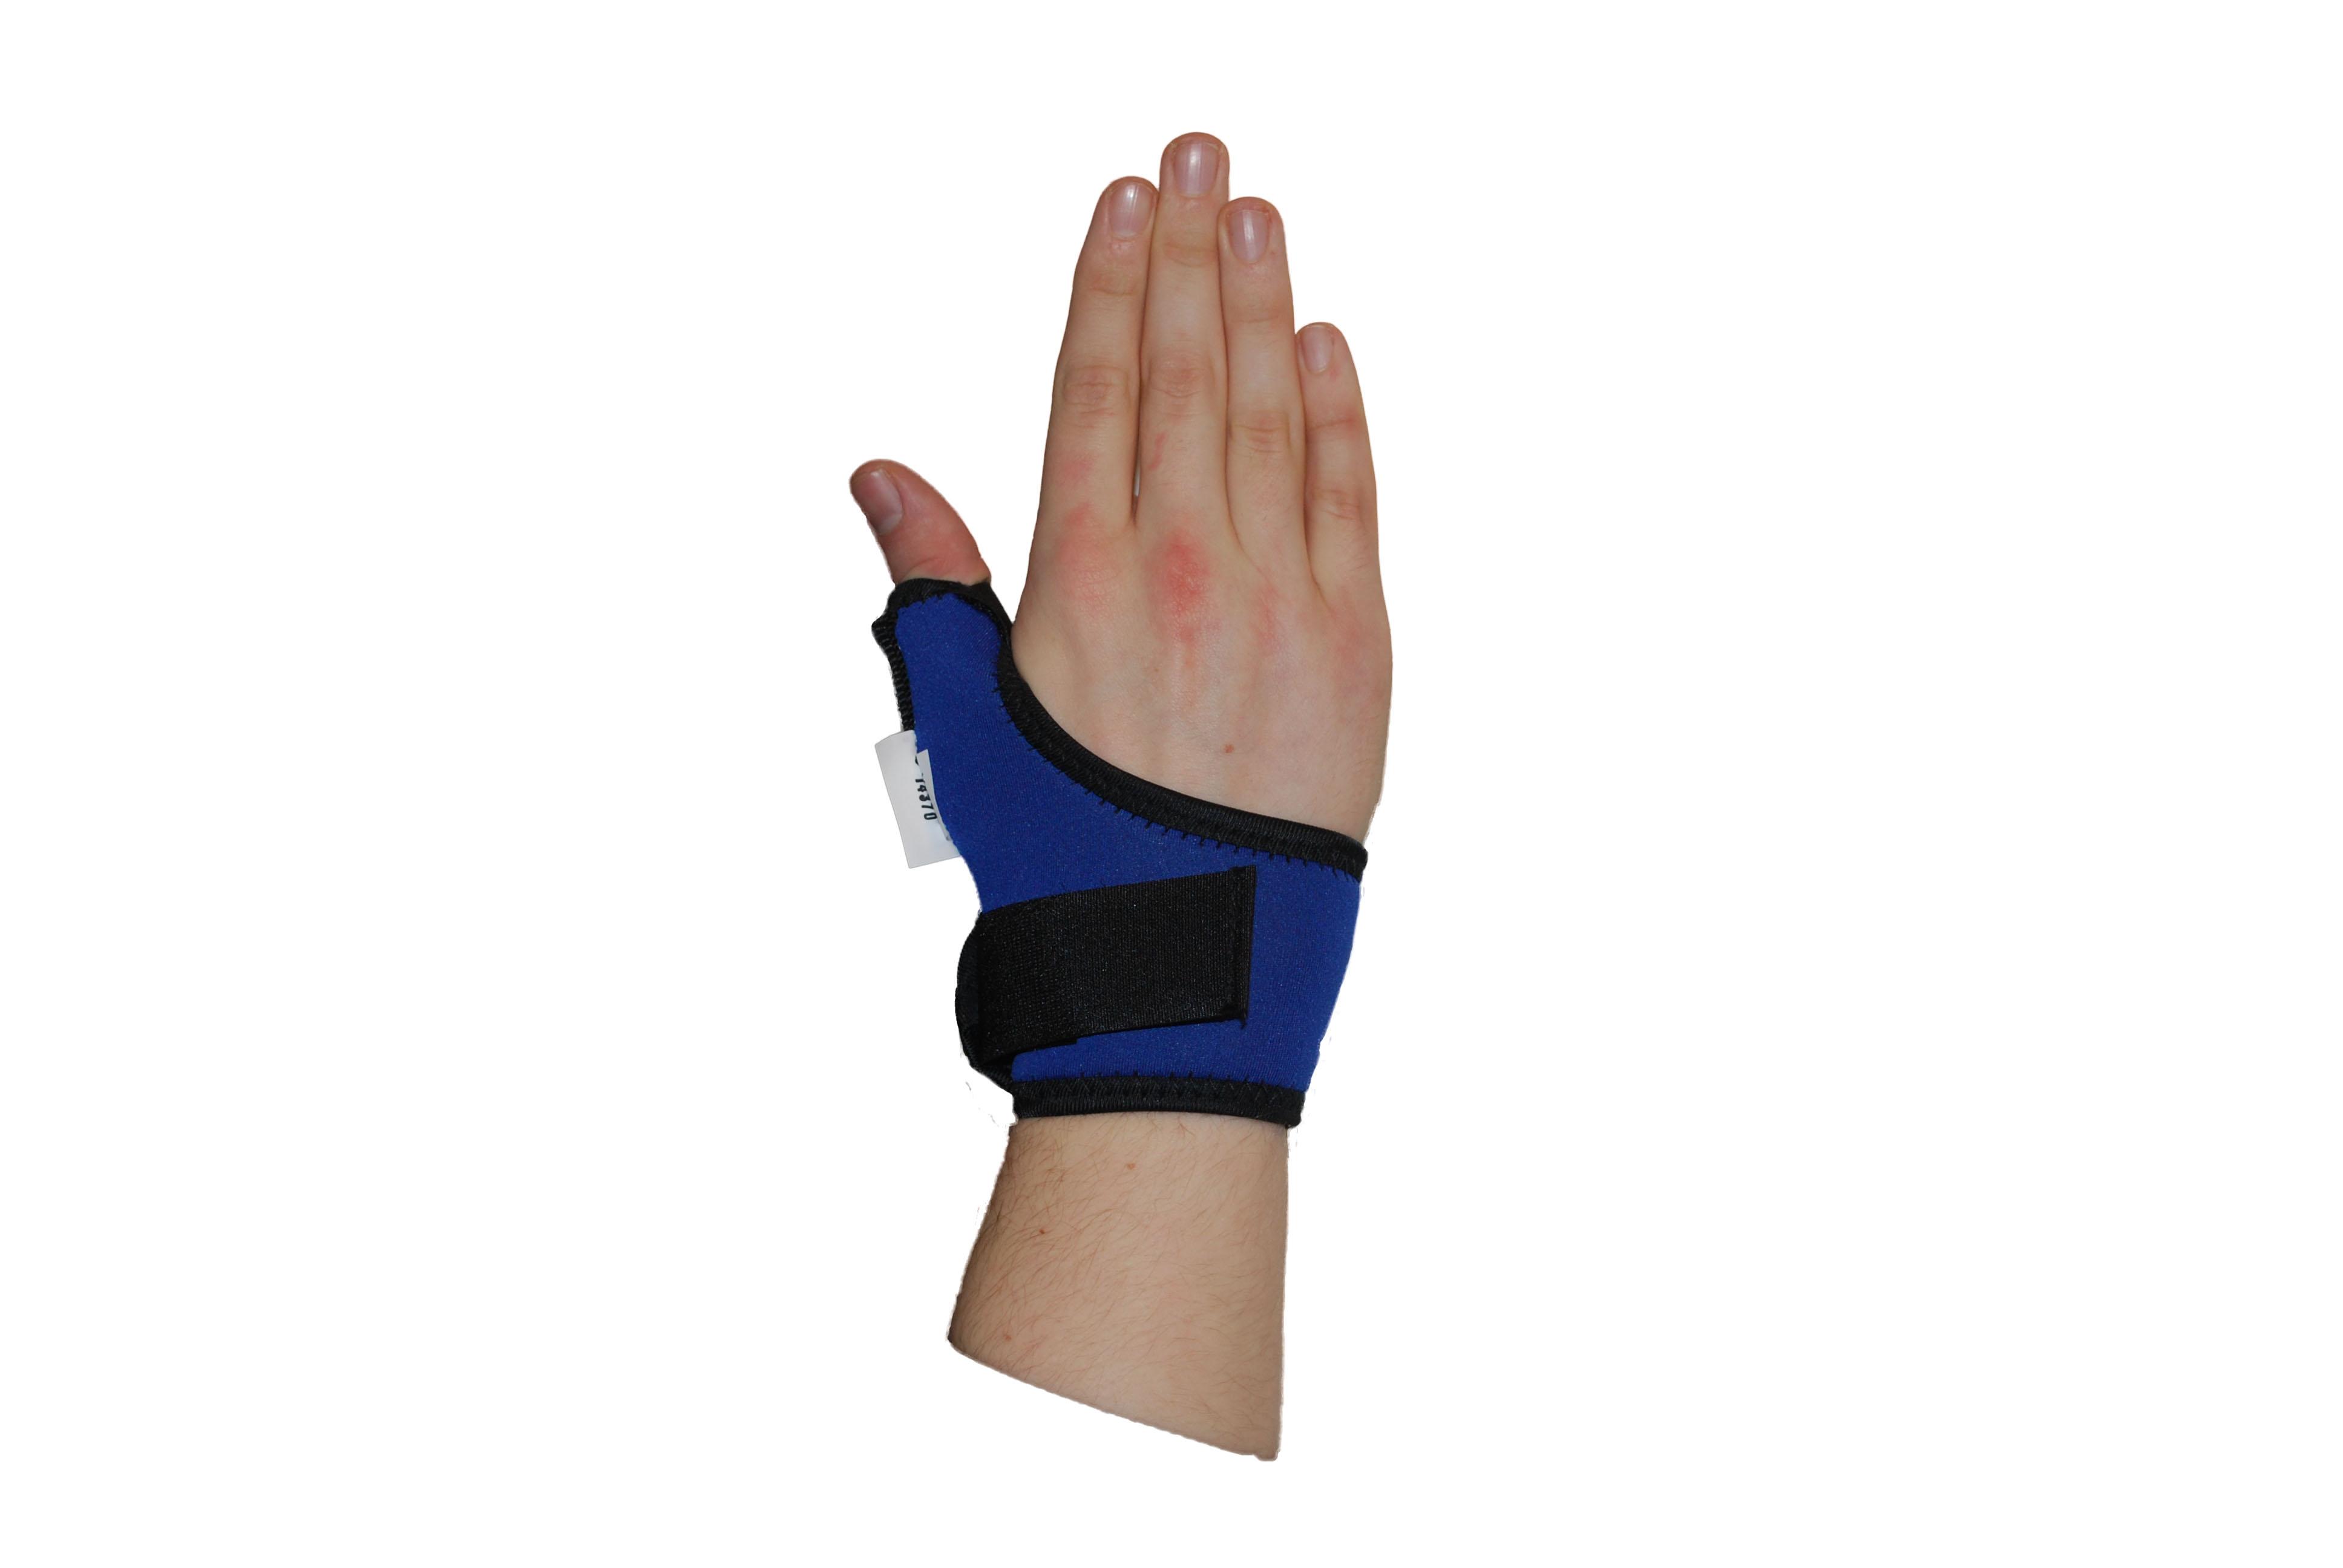 corflex neoprene wrist thumb wrap jpg 1152x768